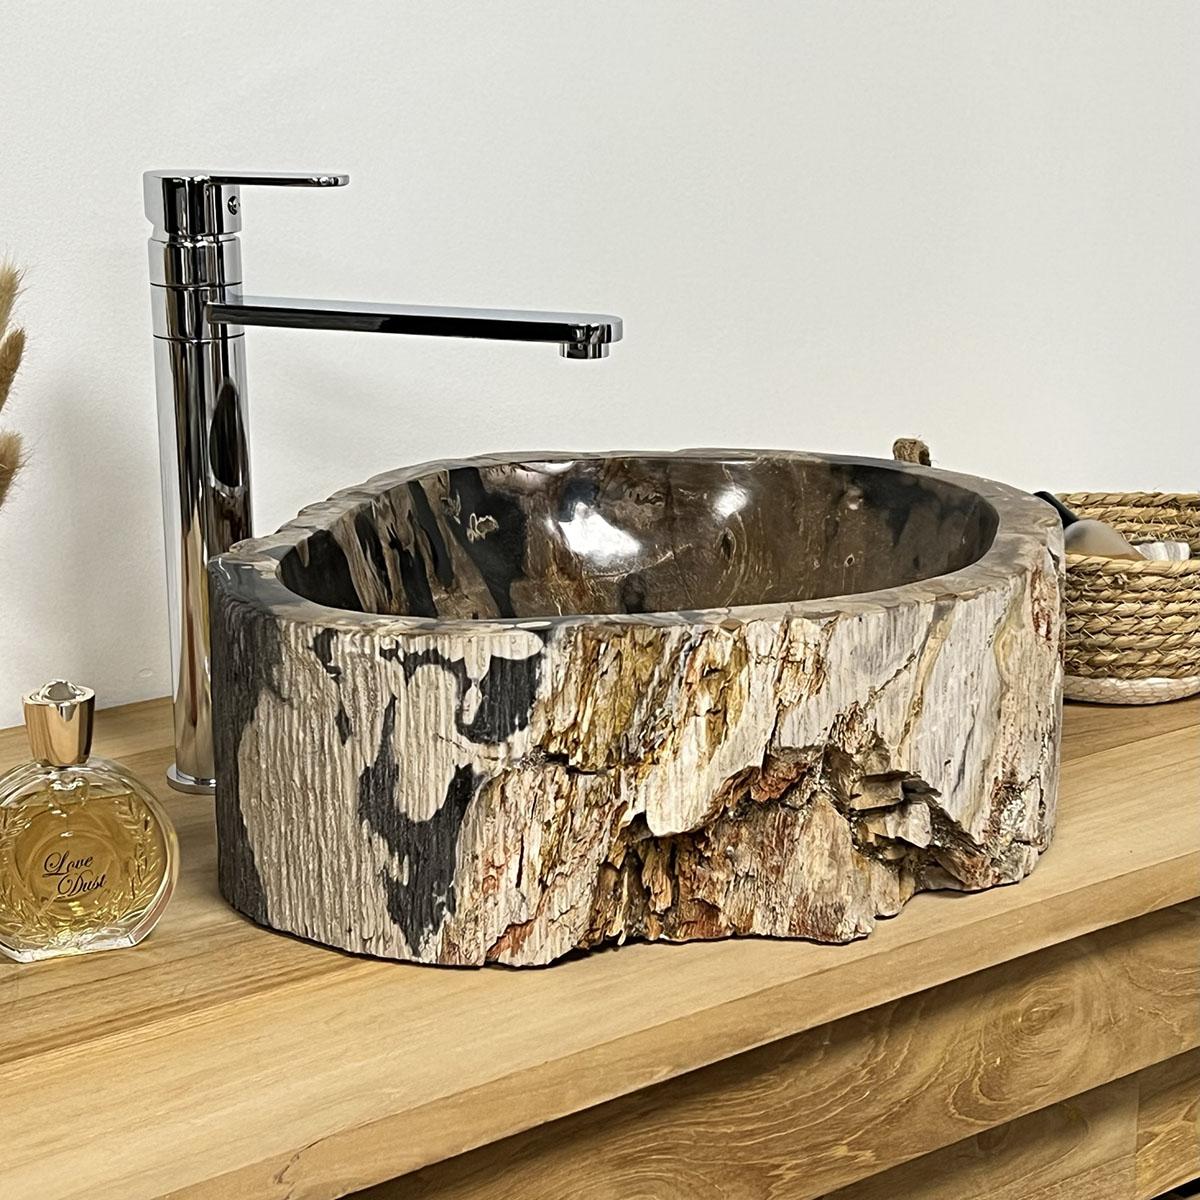 double vasques de salle de bain en bois p trifi fossilis. Black Bedroom Furniture Sets. Home Design Ideas